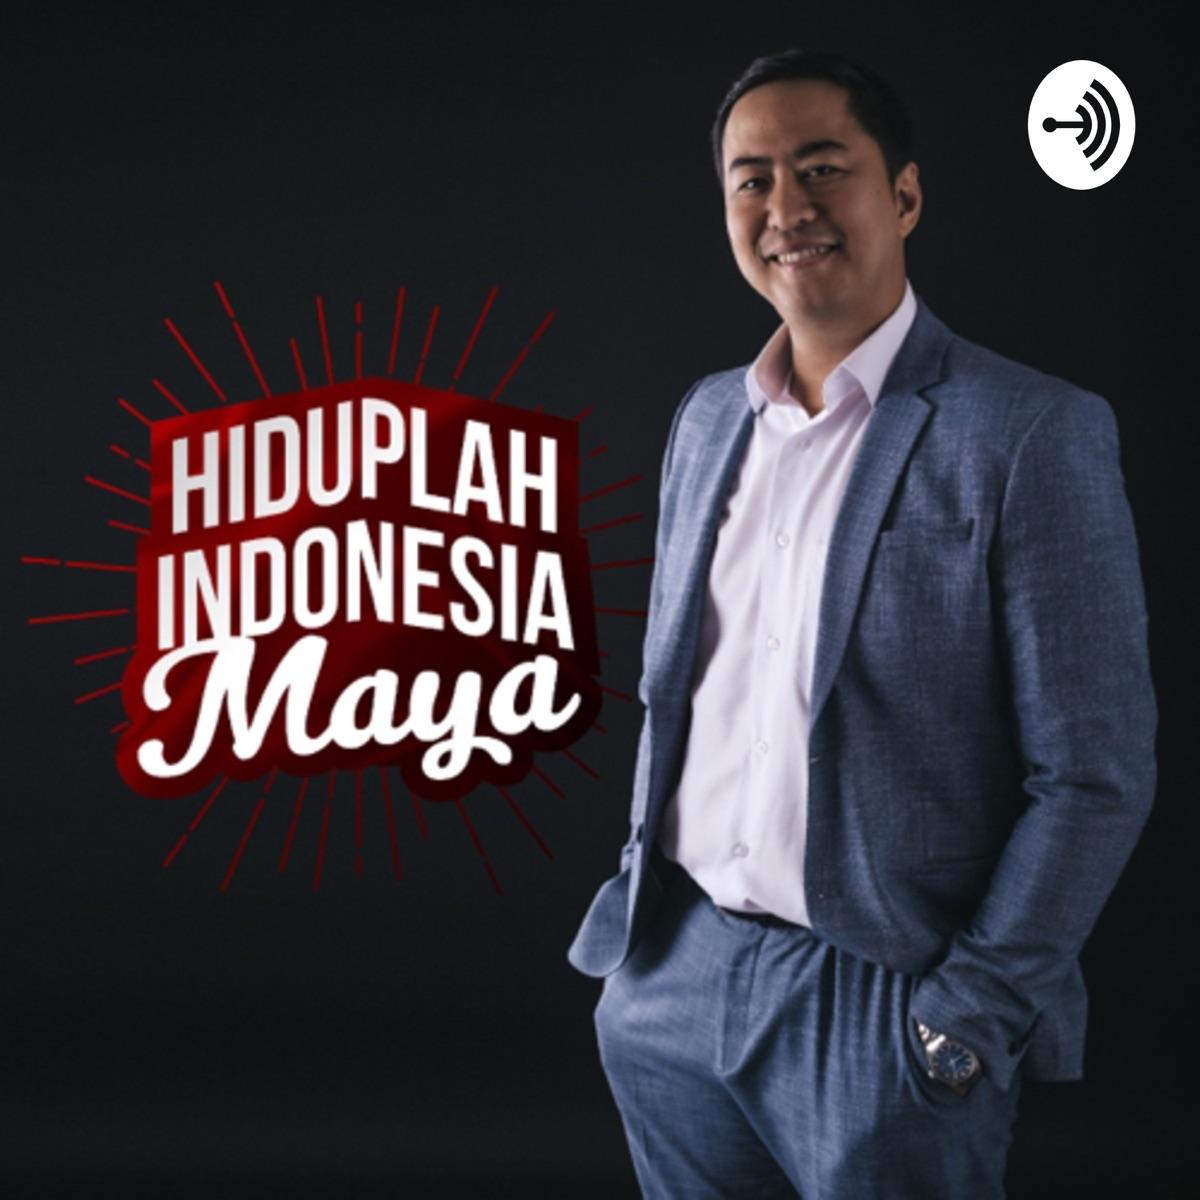 Hiduplah Indonesia Maya